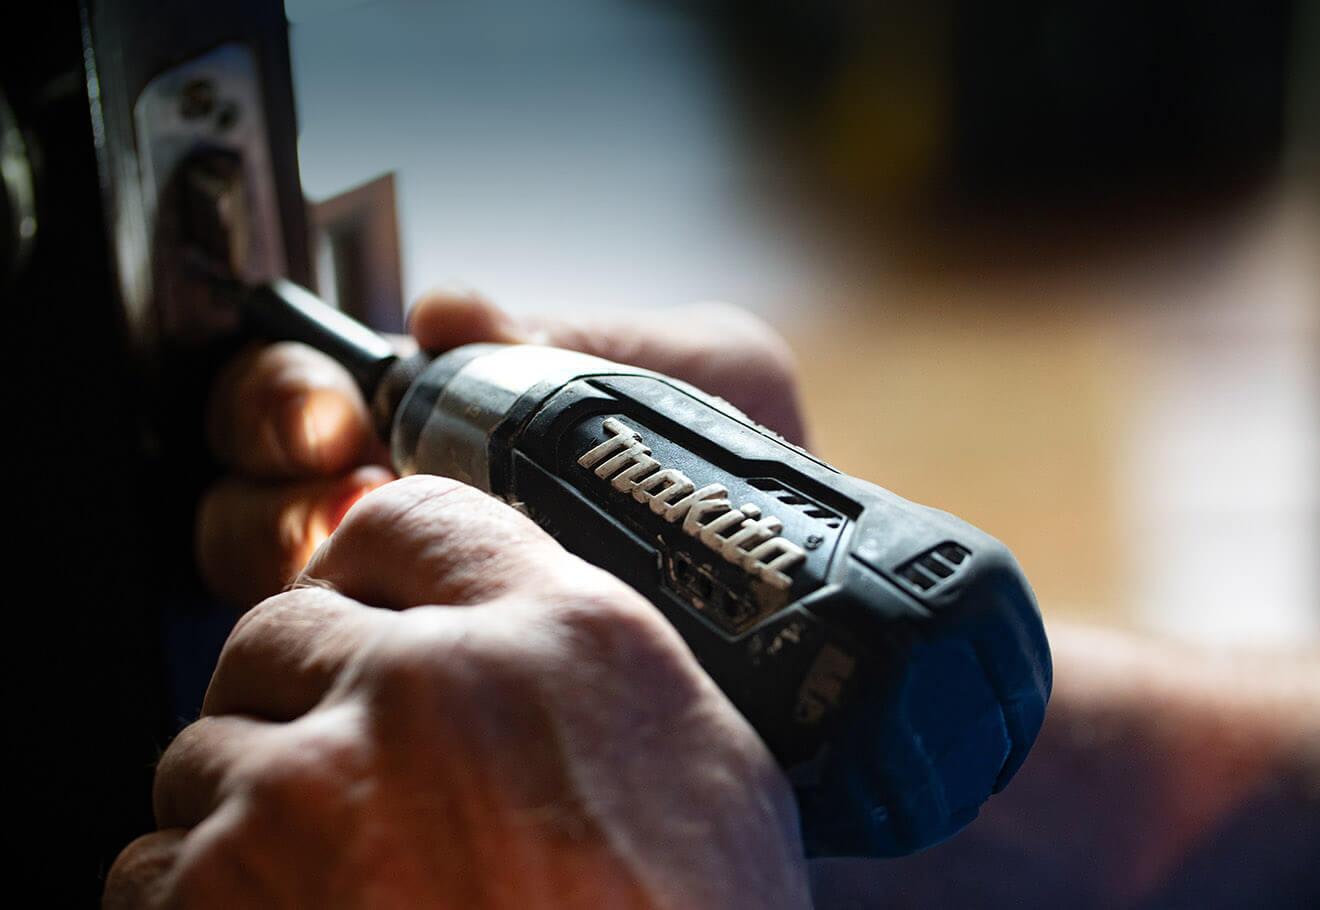 Using screwdriver to repair items